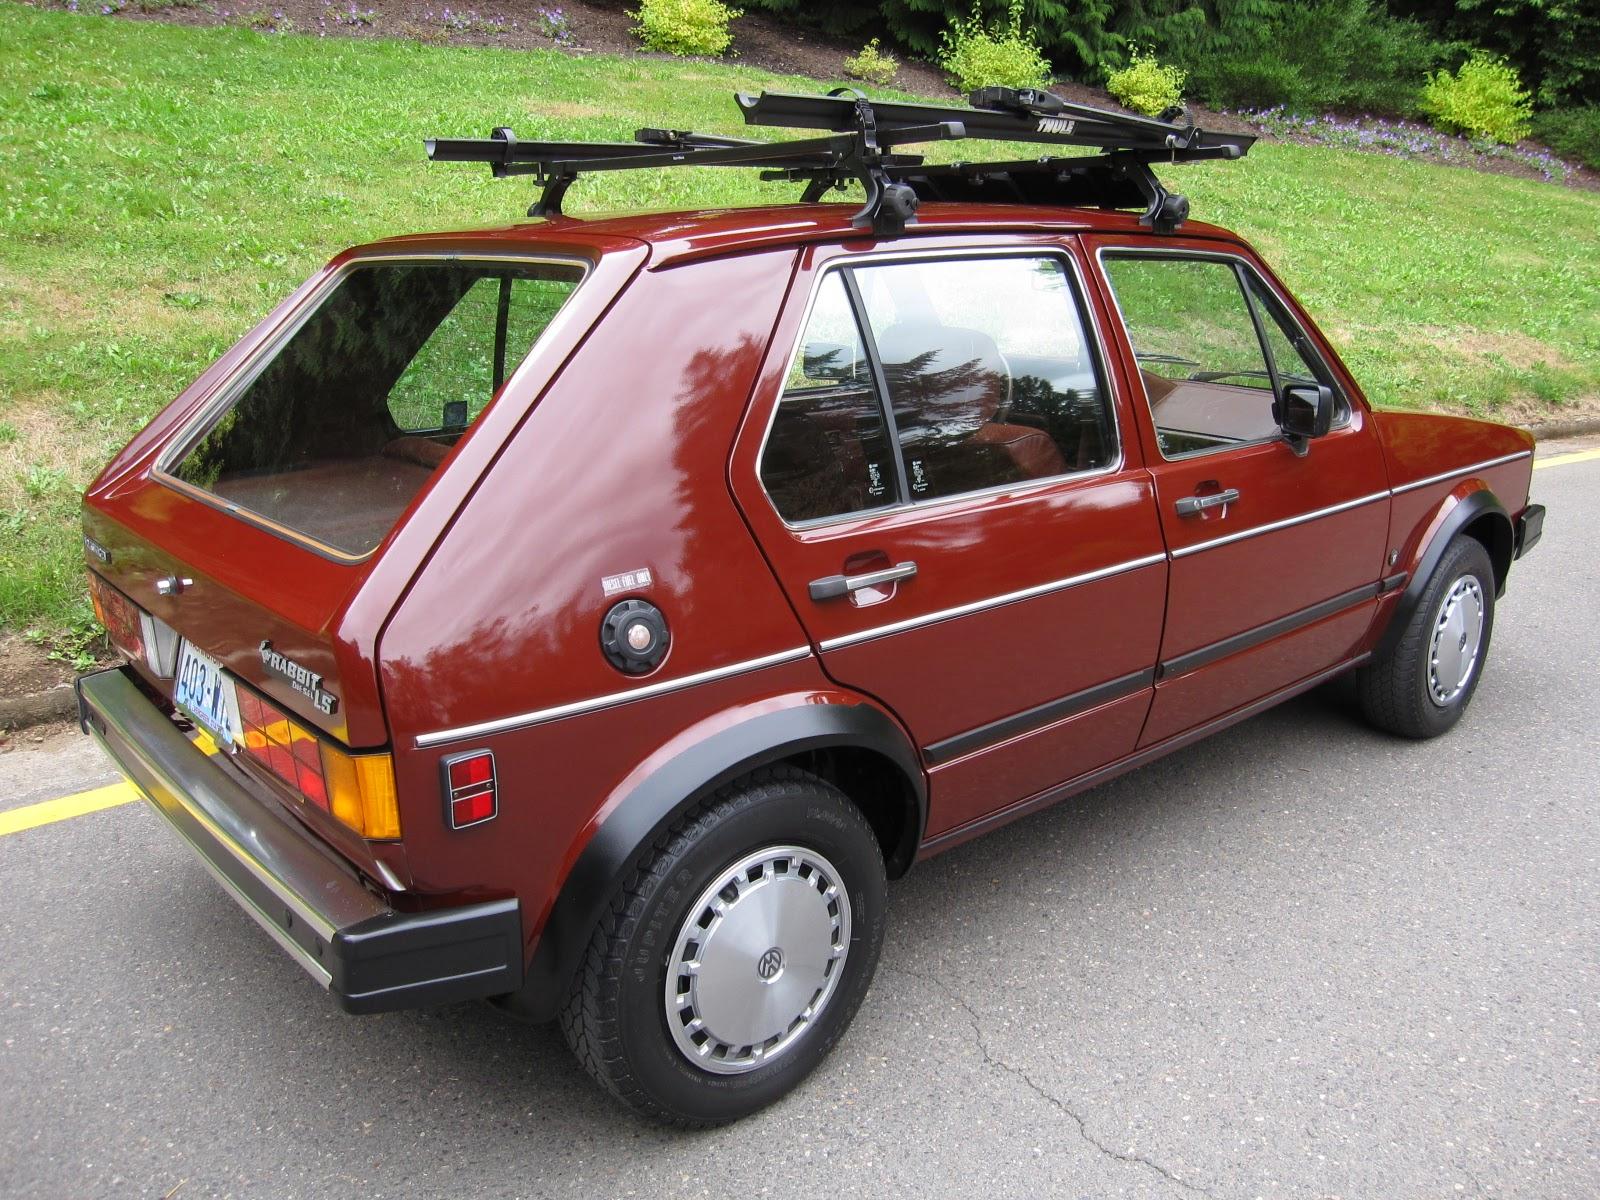 Volkswagen Rabbit Diesel For Auction on 1991 Vw Golf 1 8 Engine